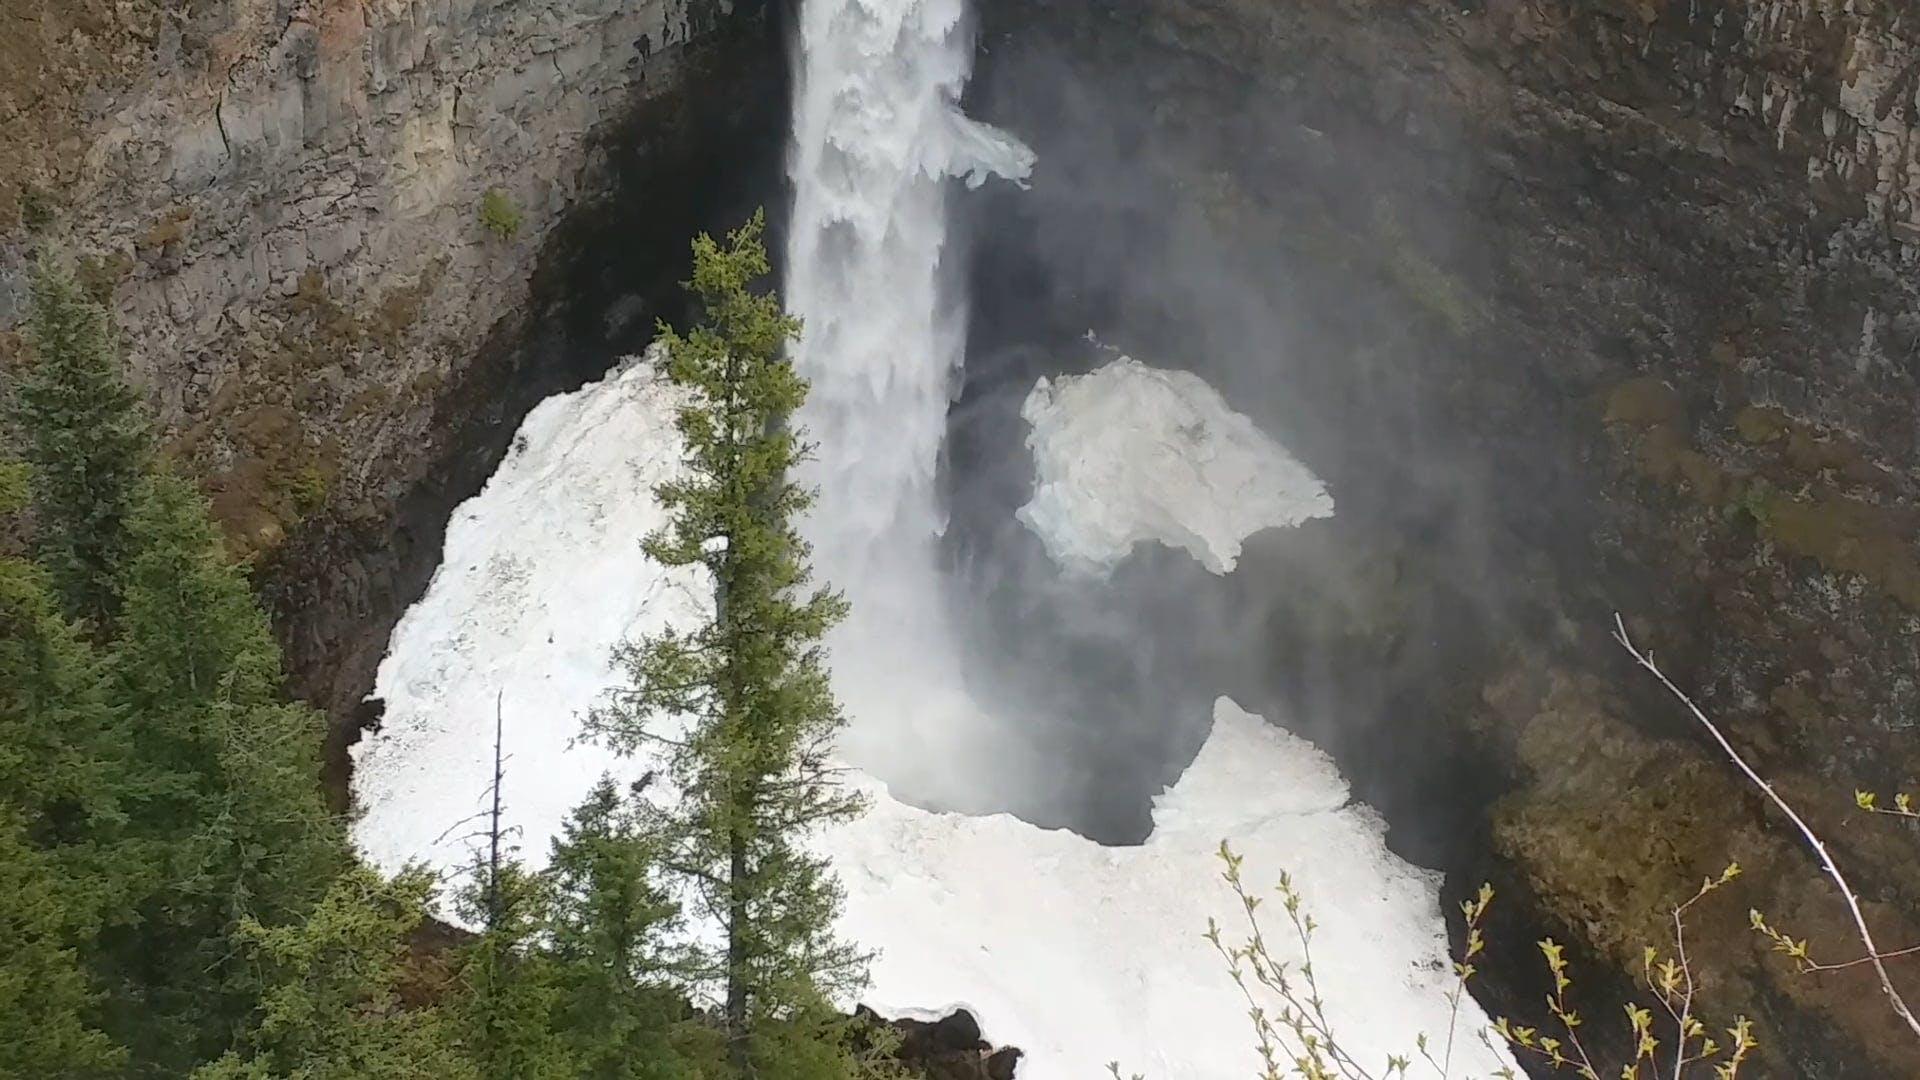 Video Of Frozen Waterfalls